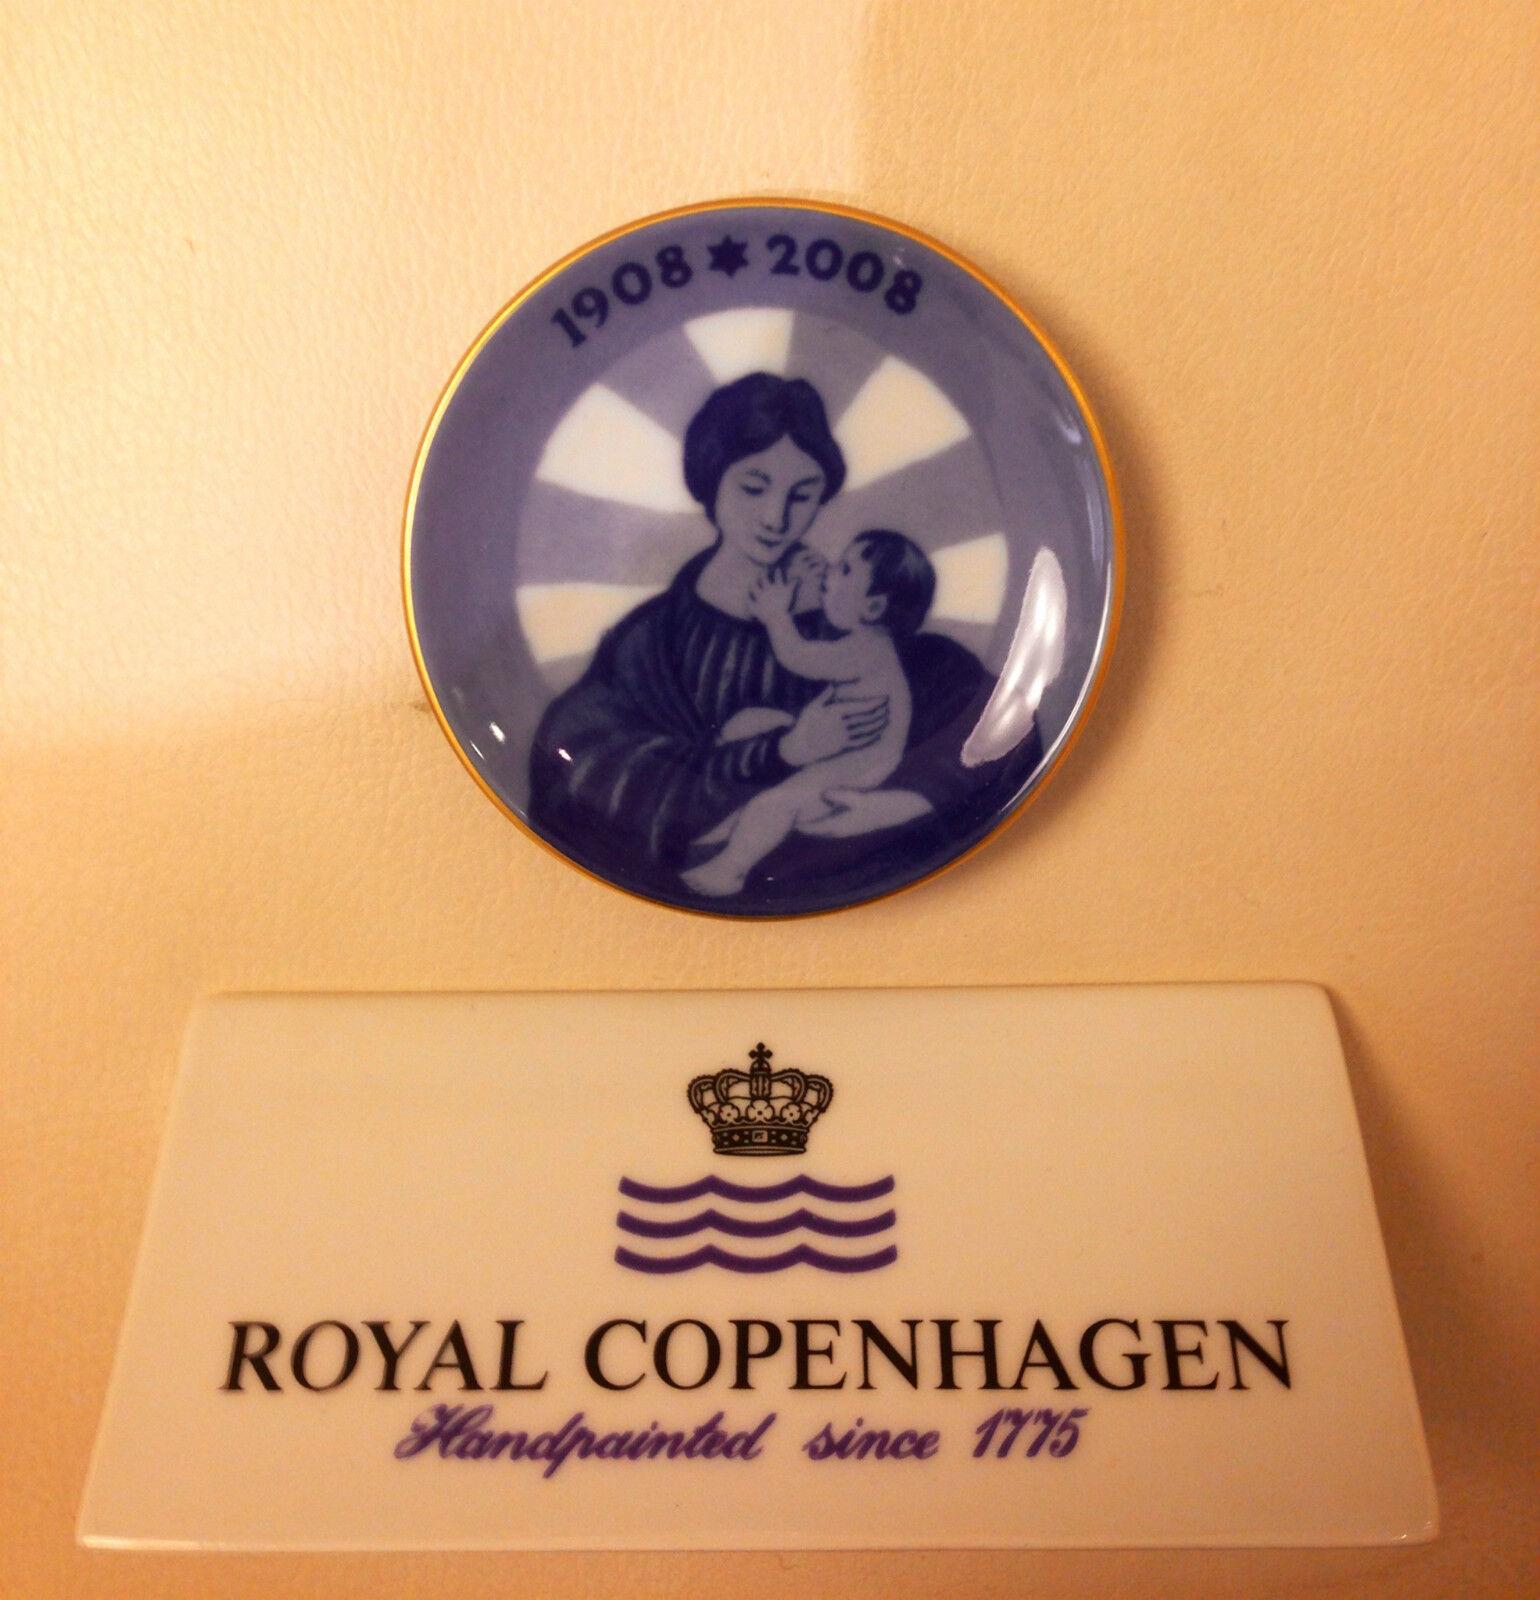 Gericht die Jubiläum 2008 - Madamen col Baby 1908-2008 - Royal Copenhagen